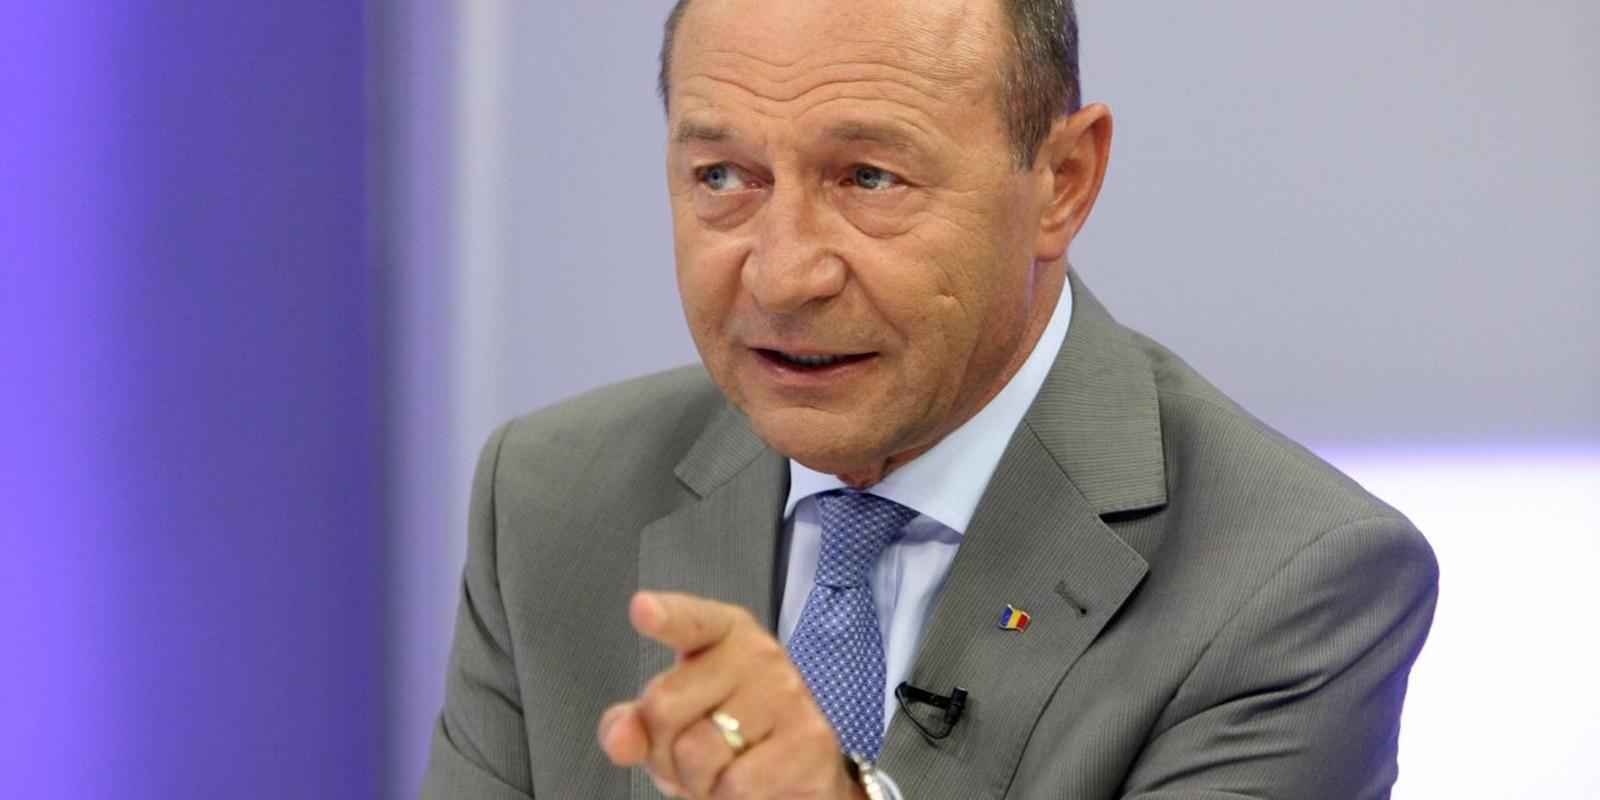 Traian Băsescu vrea să candideze la Primăria Capitalei